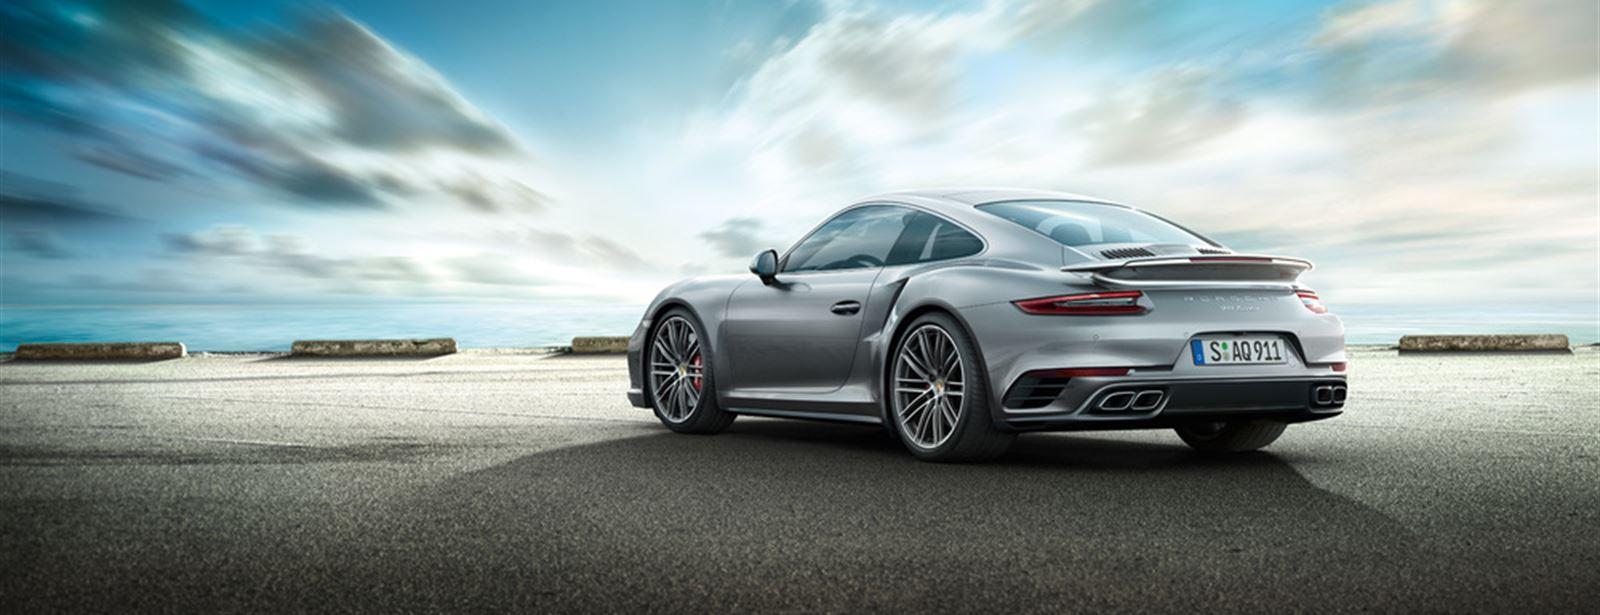 Porsche Experience in Atlanta, Georgia